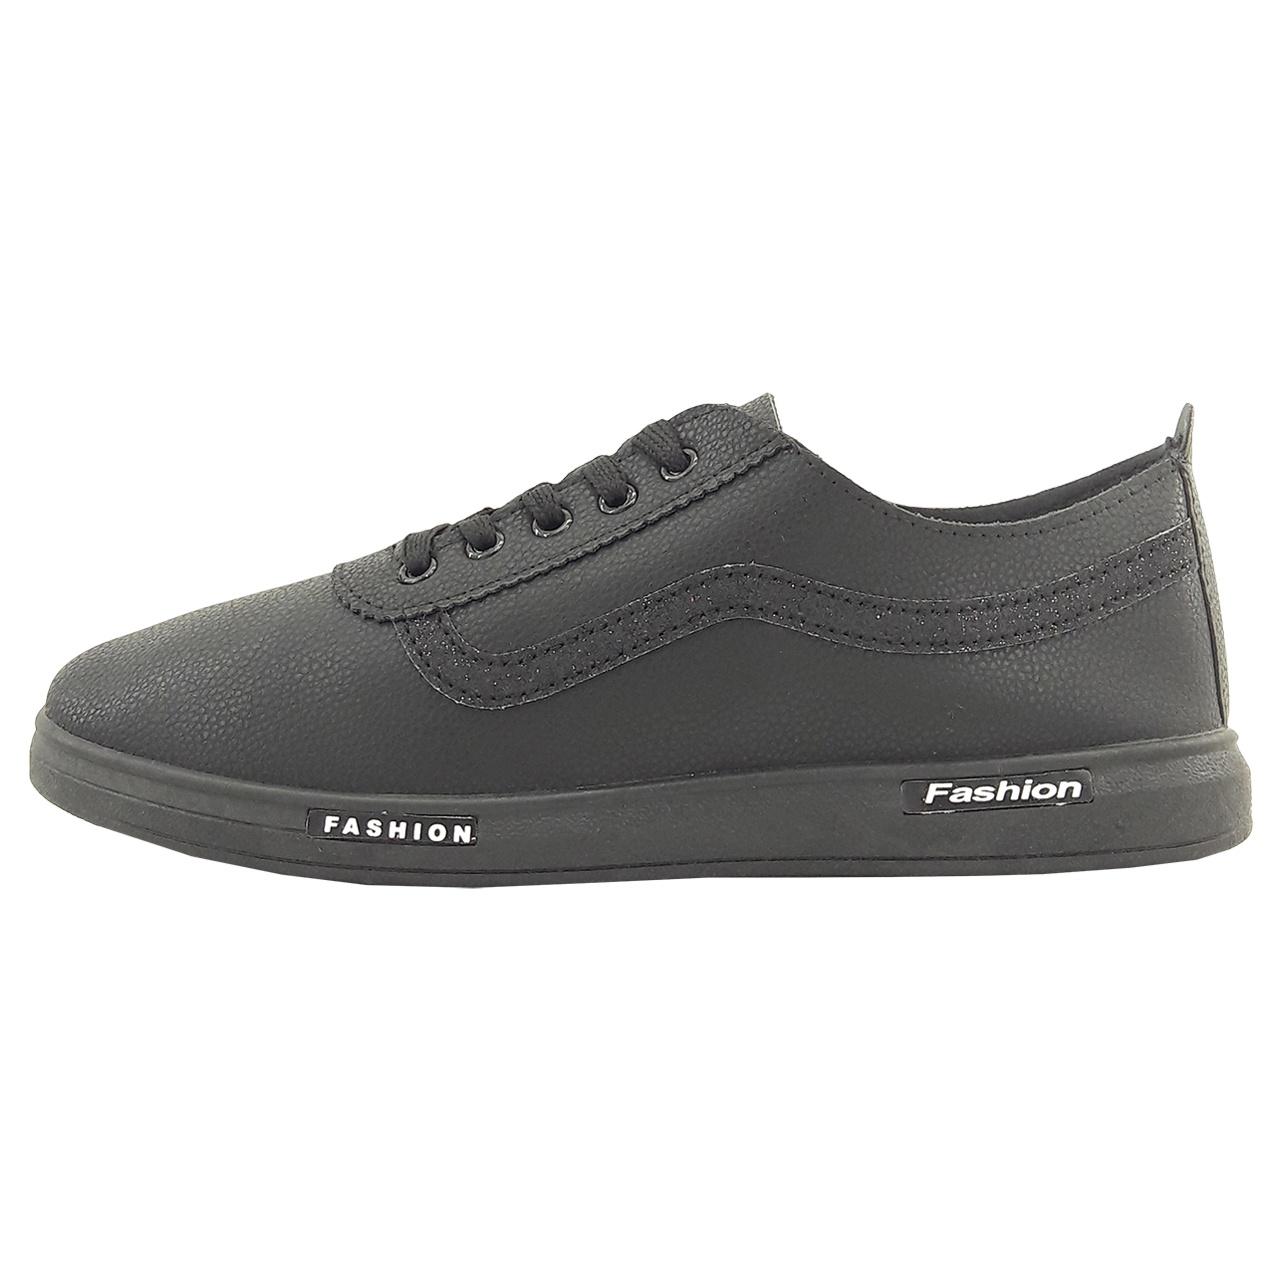 کفش مخصوص پیاده روی زنانه فشن مدل Vns.bl01